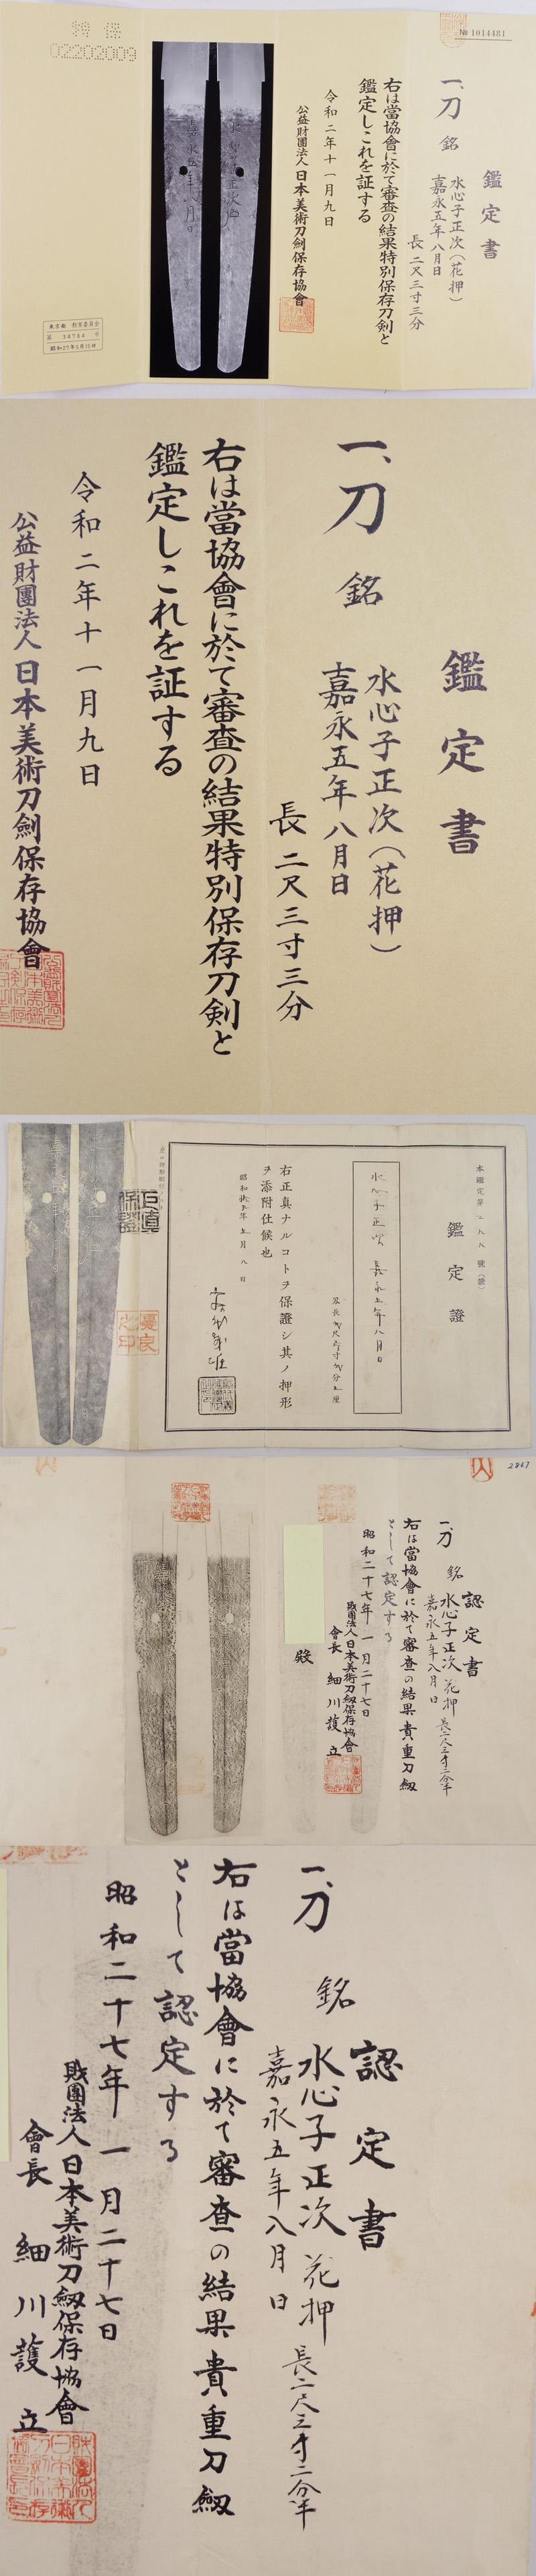 刀 水心子正次(花押) (新々刀上作)  嘉永五年八月日 Picture of Certificate